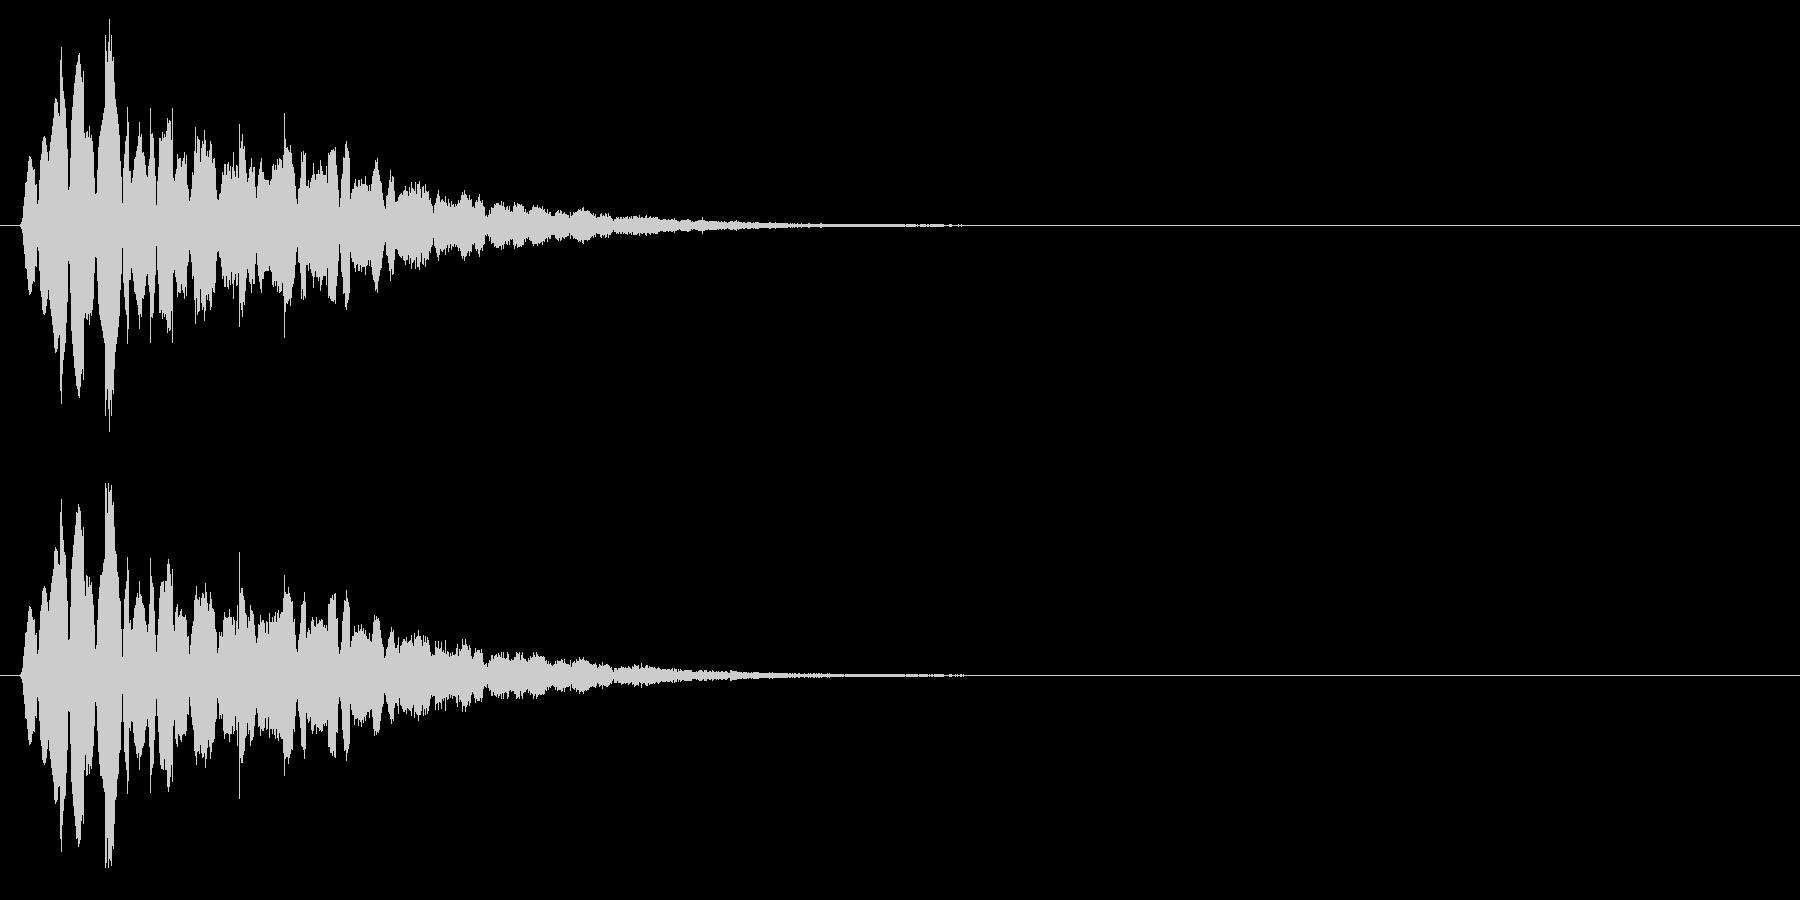 キラキラキラッ↓(流れ星、流星)の未再生の波形